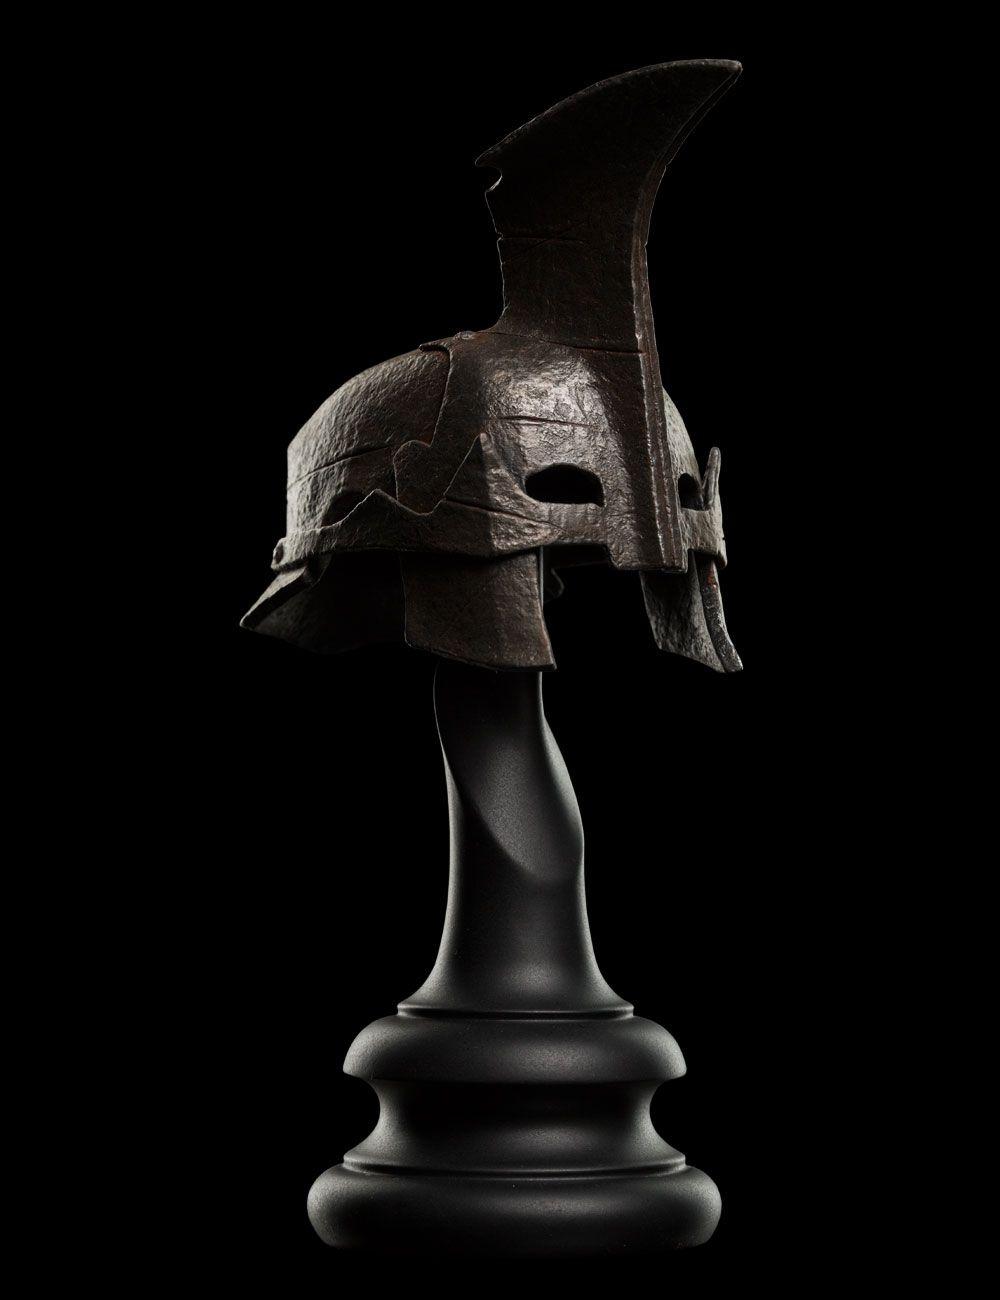 de y Espada de orco yelmo de Boromir Gundabad lujo de UVMqSLzGp